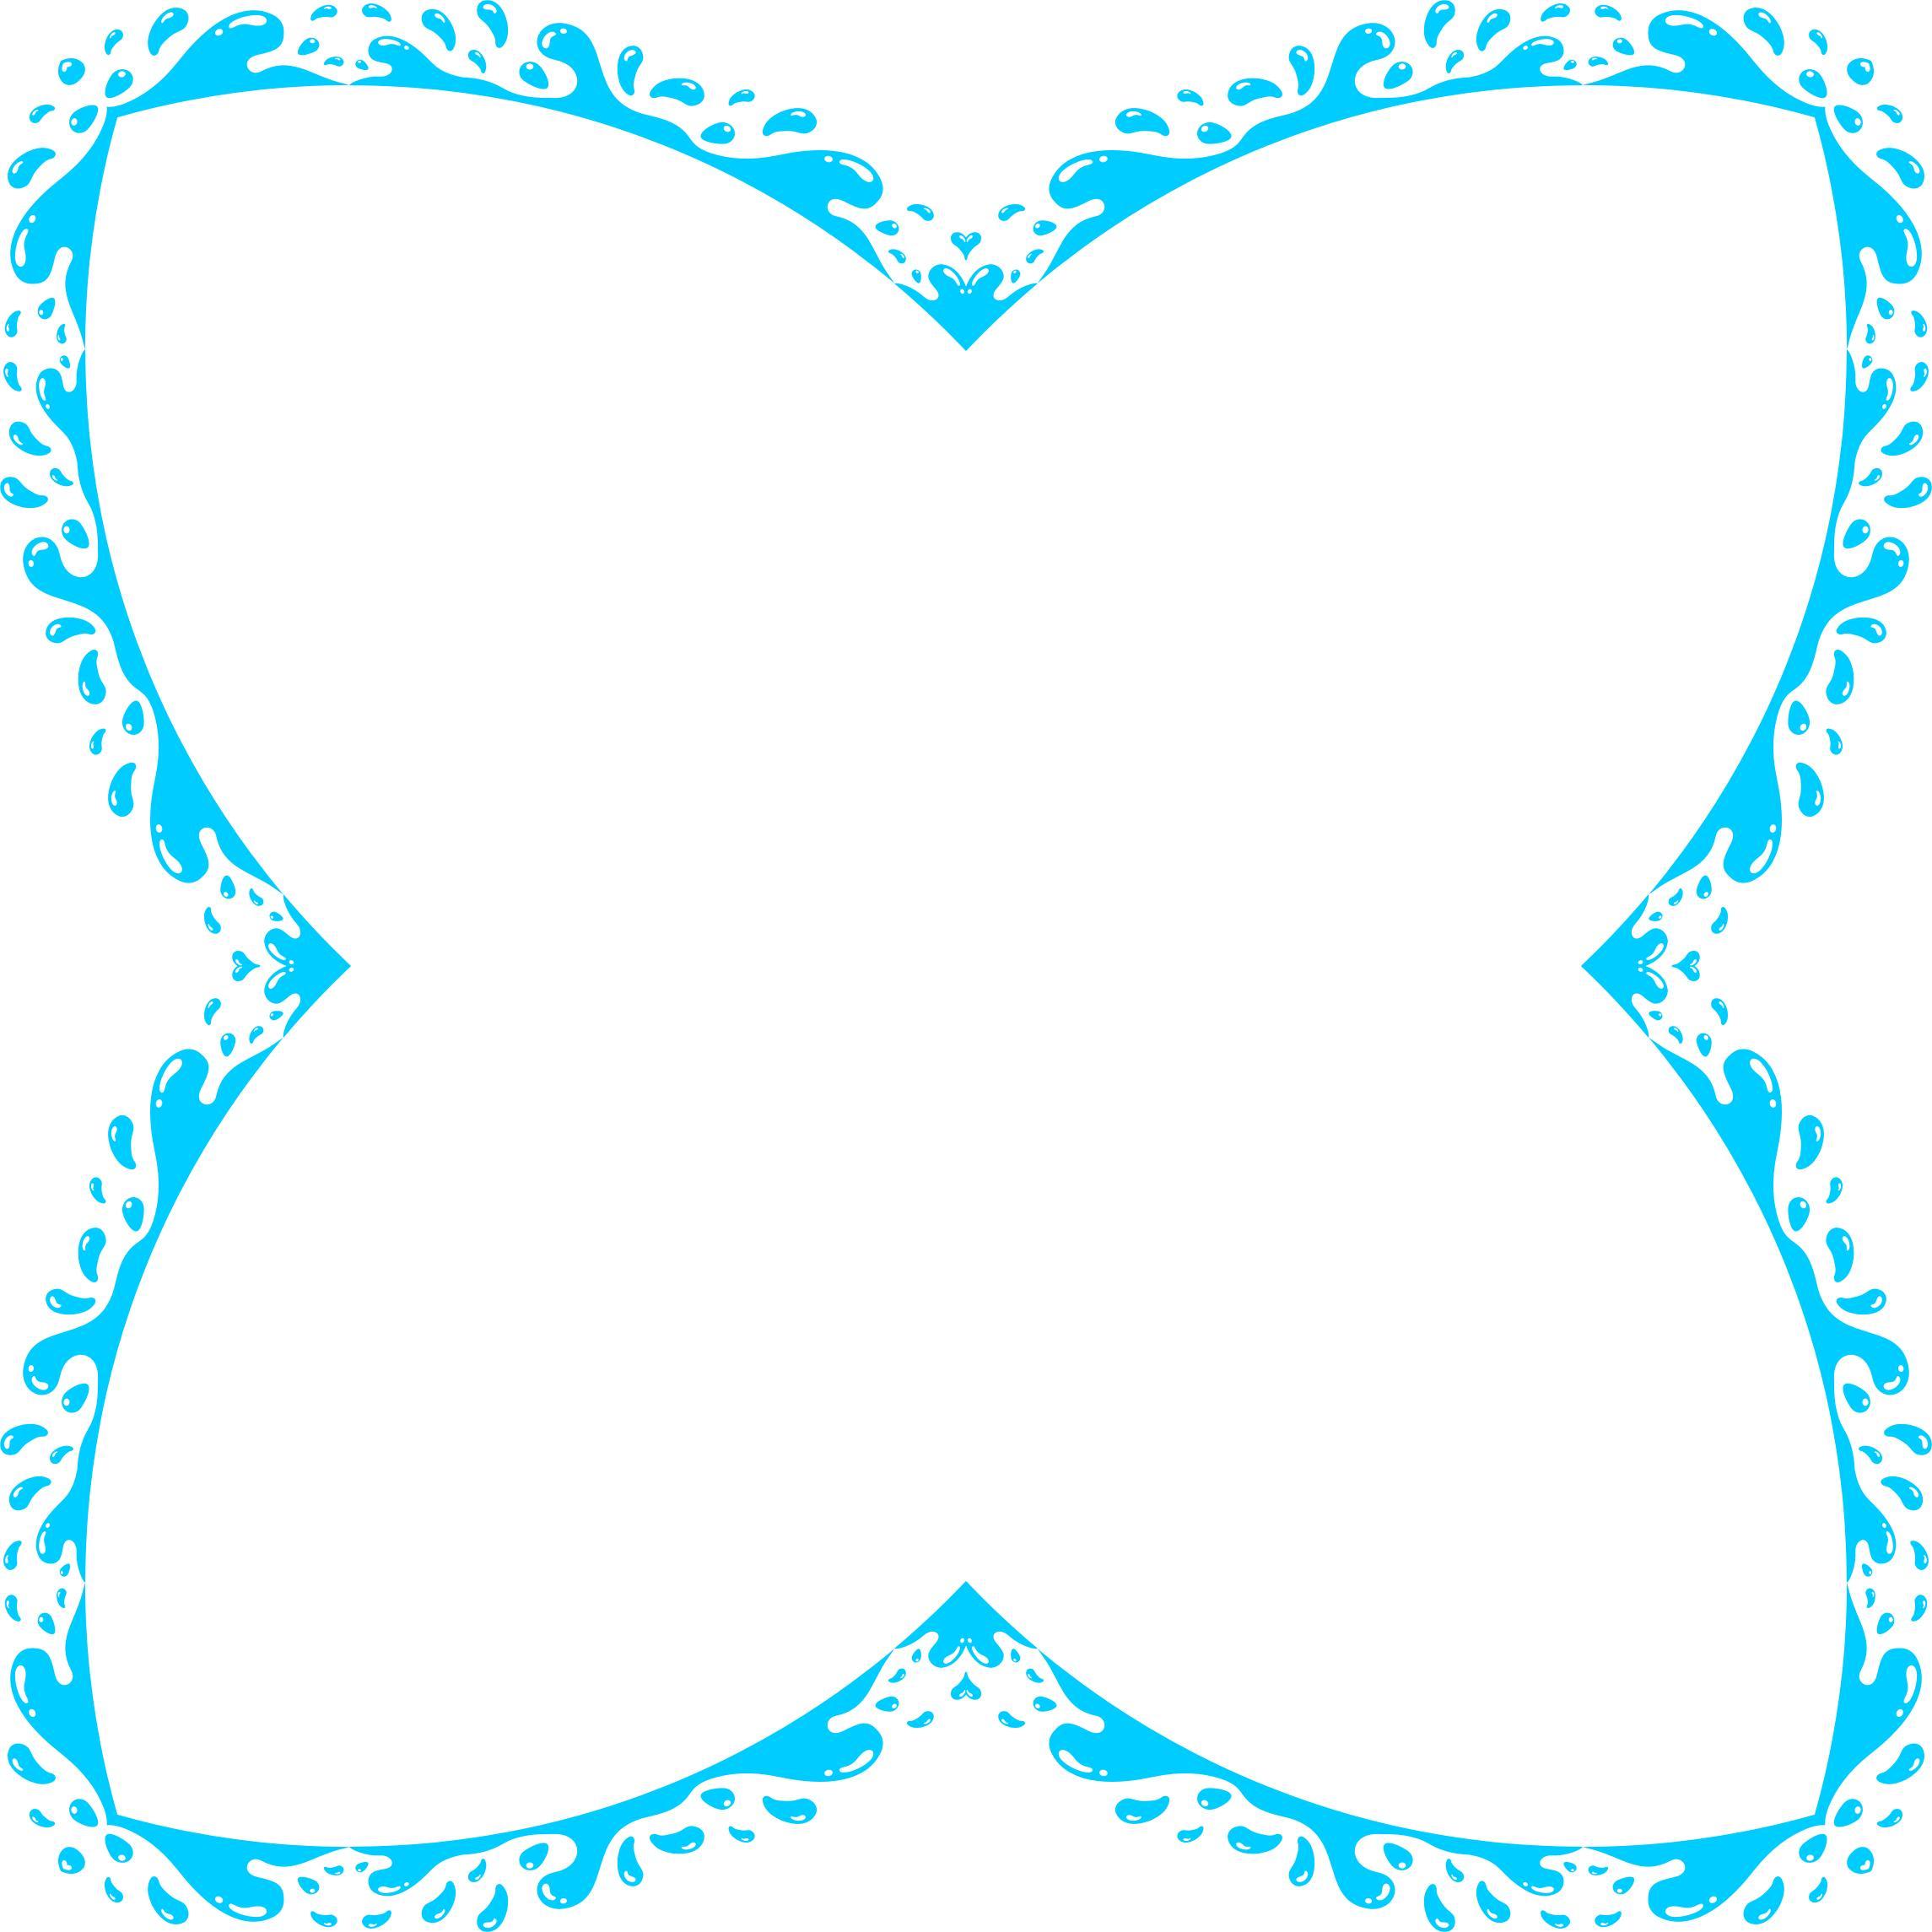 2290x2290 Water Splash Circle Frame Icons Png